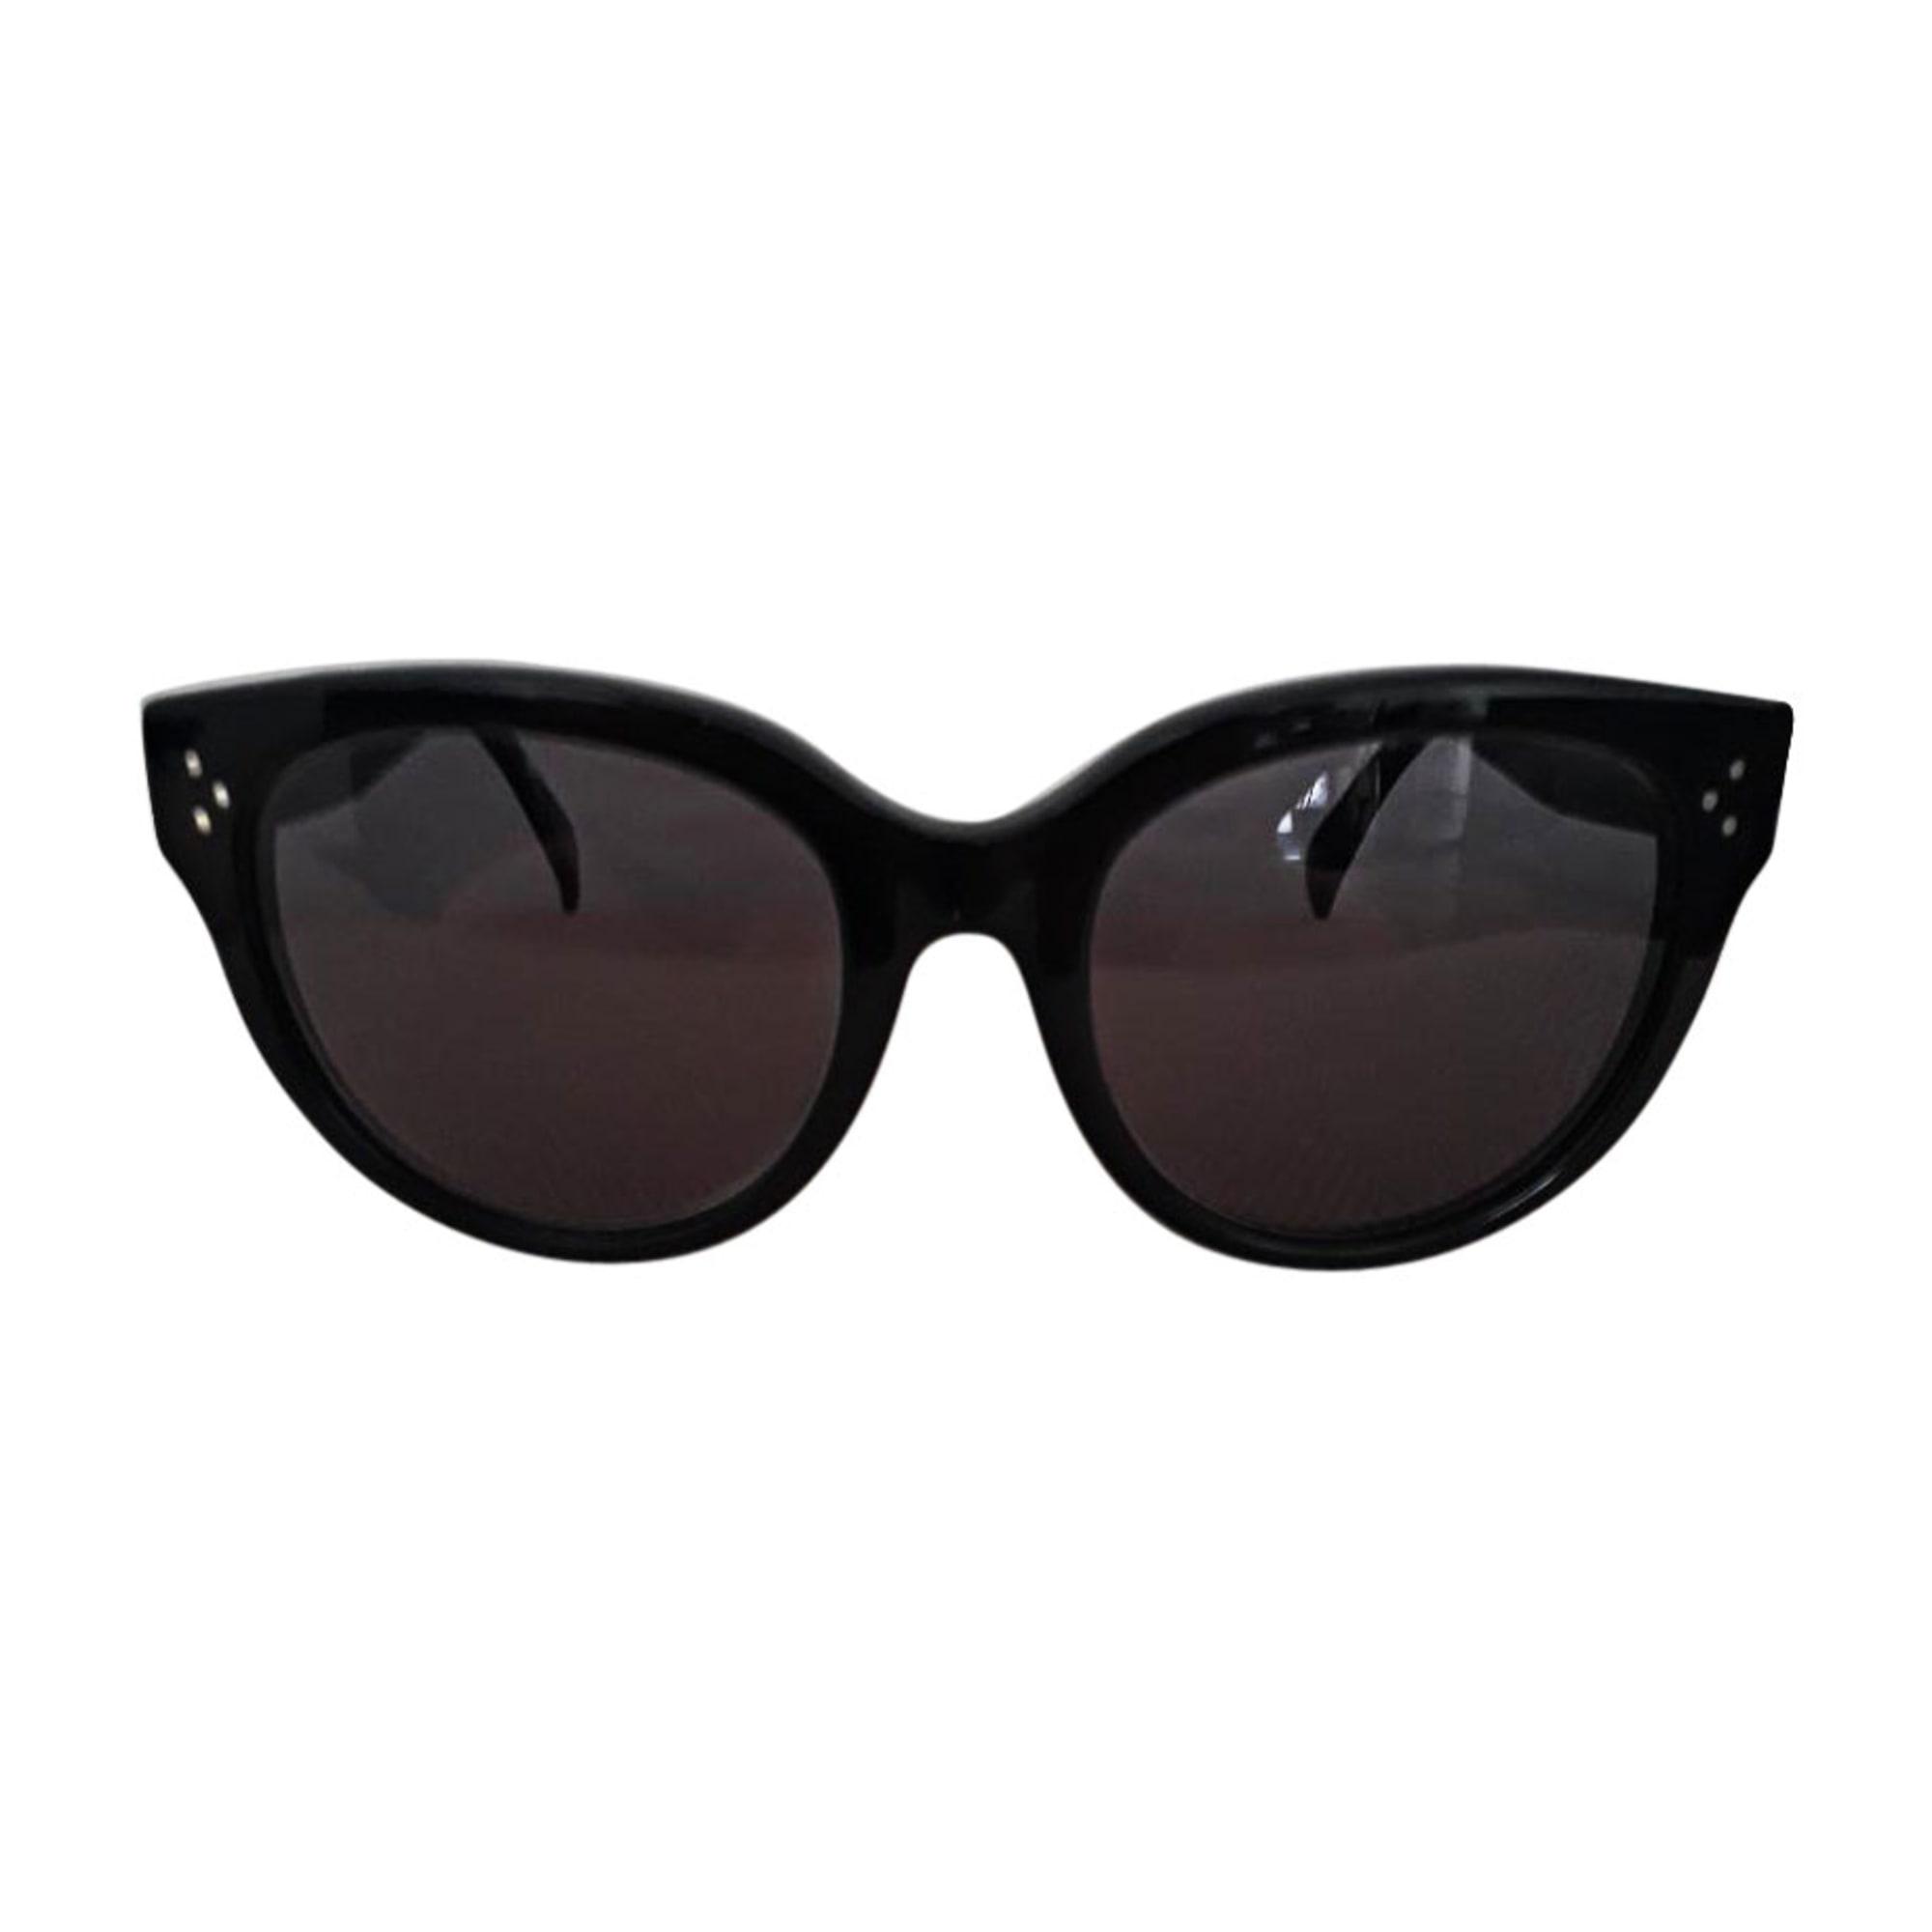 Lunettes de soleil CÉLINE audrey noir vendu par ... 996d01e23e5e